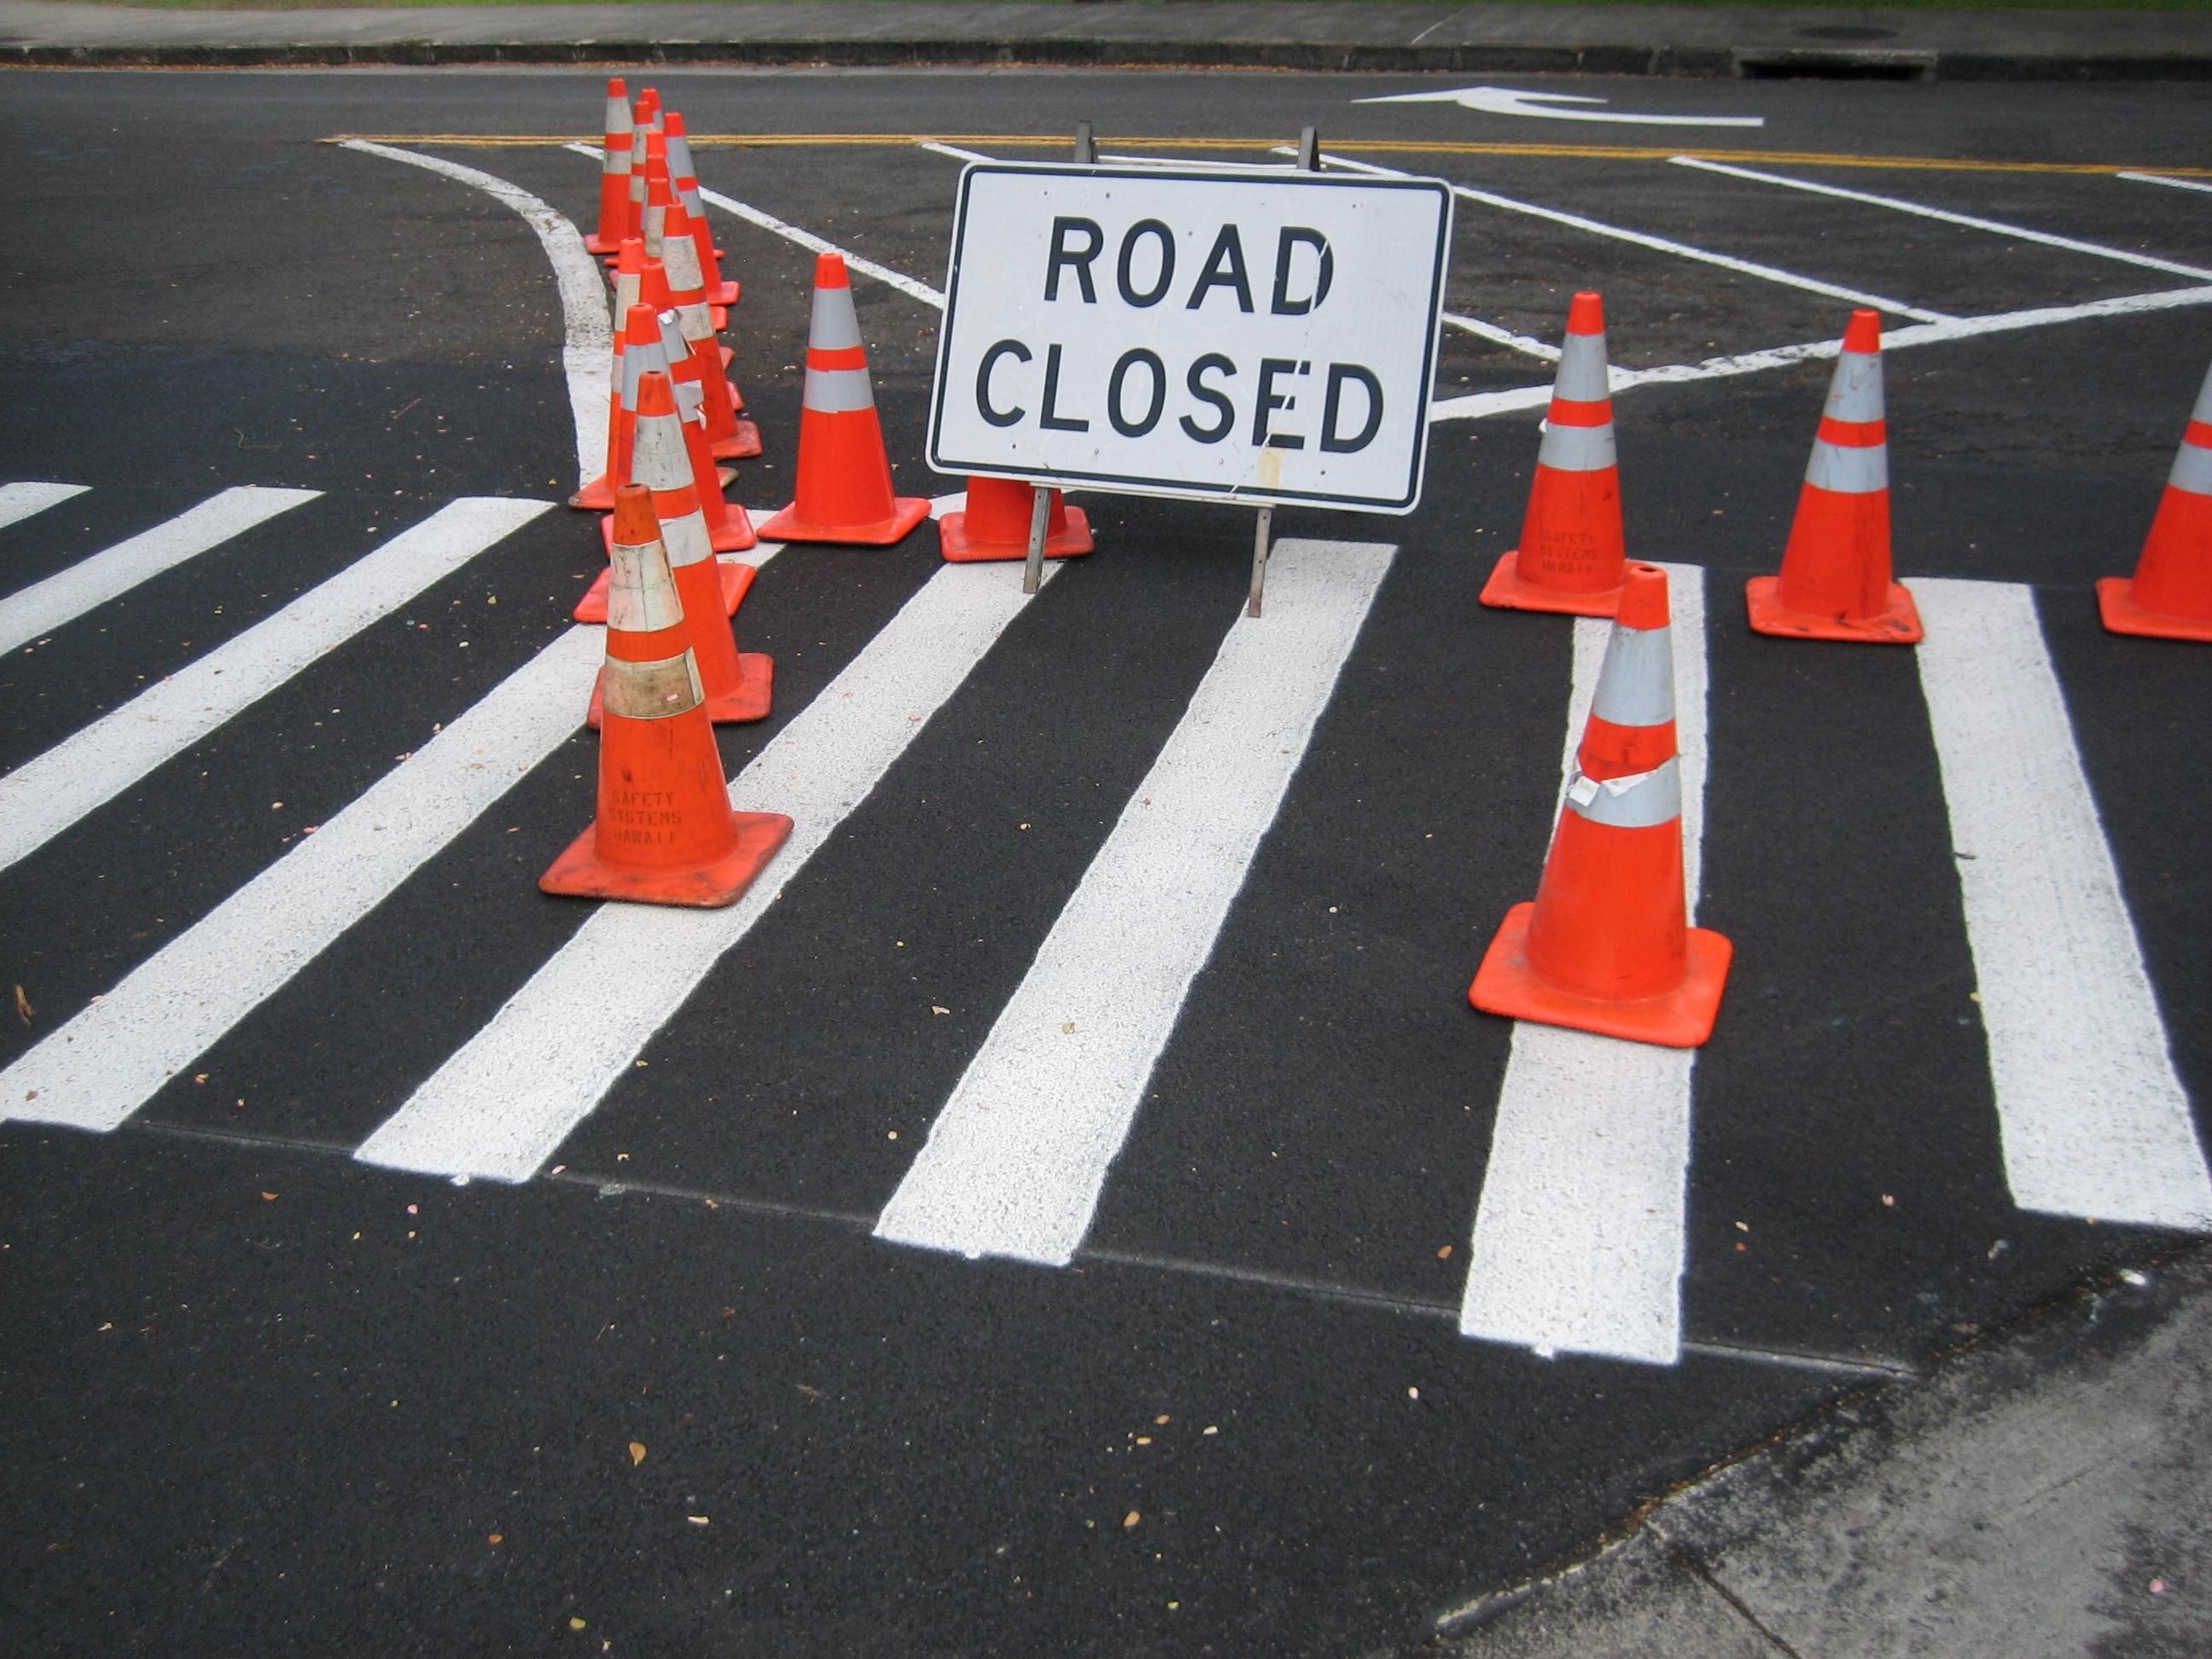 43f56ce2e8274bce5819_0fb624f582d6d13f0d9f_road_closed1_Hugh_Kimura.JPG